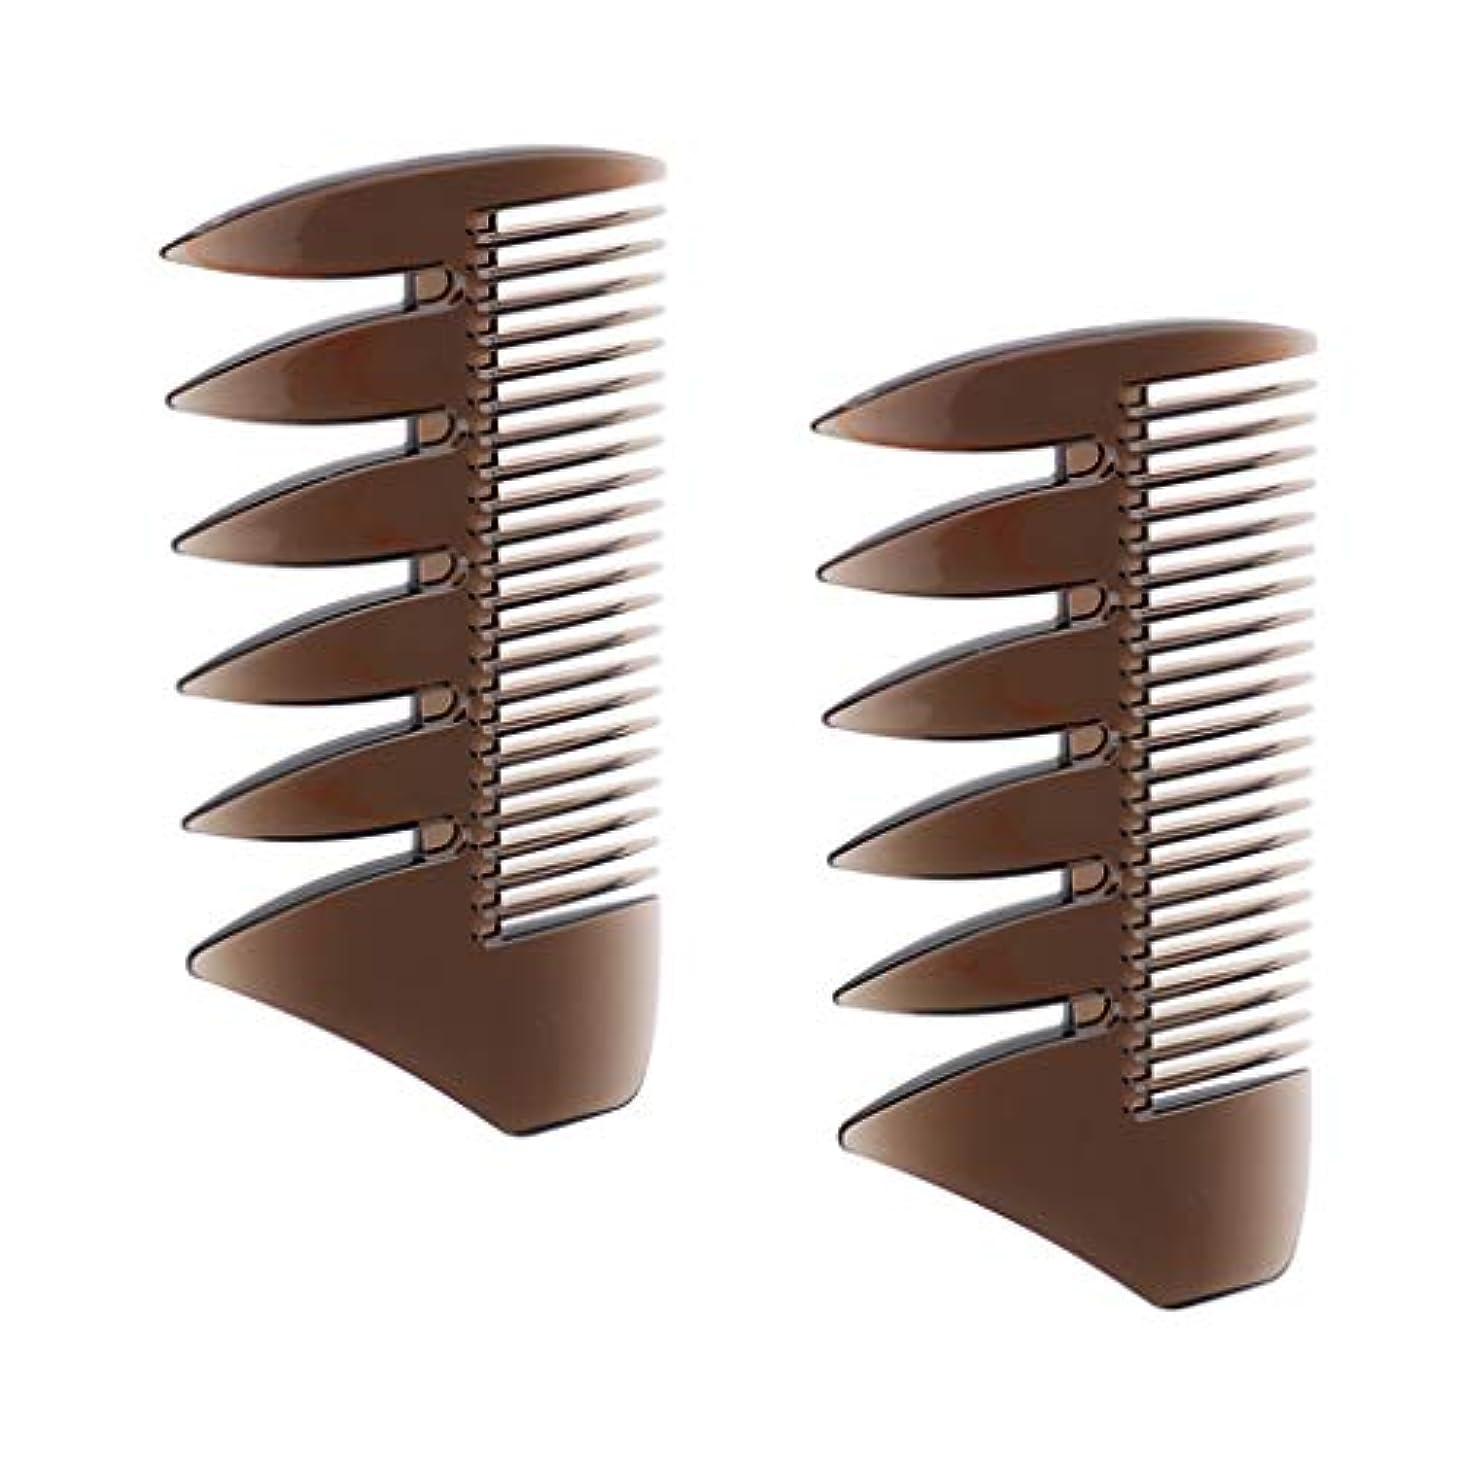 買う無一文前提2個 ヘアコンビ デュアルサイド メンズ オイルの髪 櫛 ヘアサロン ヘアスタイリング